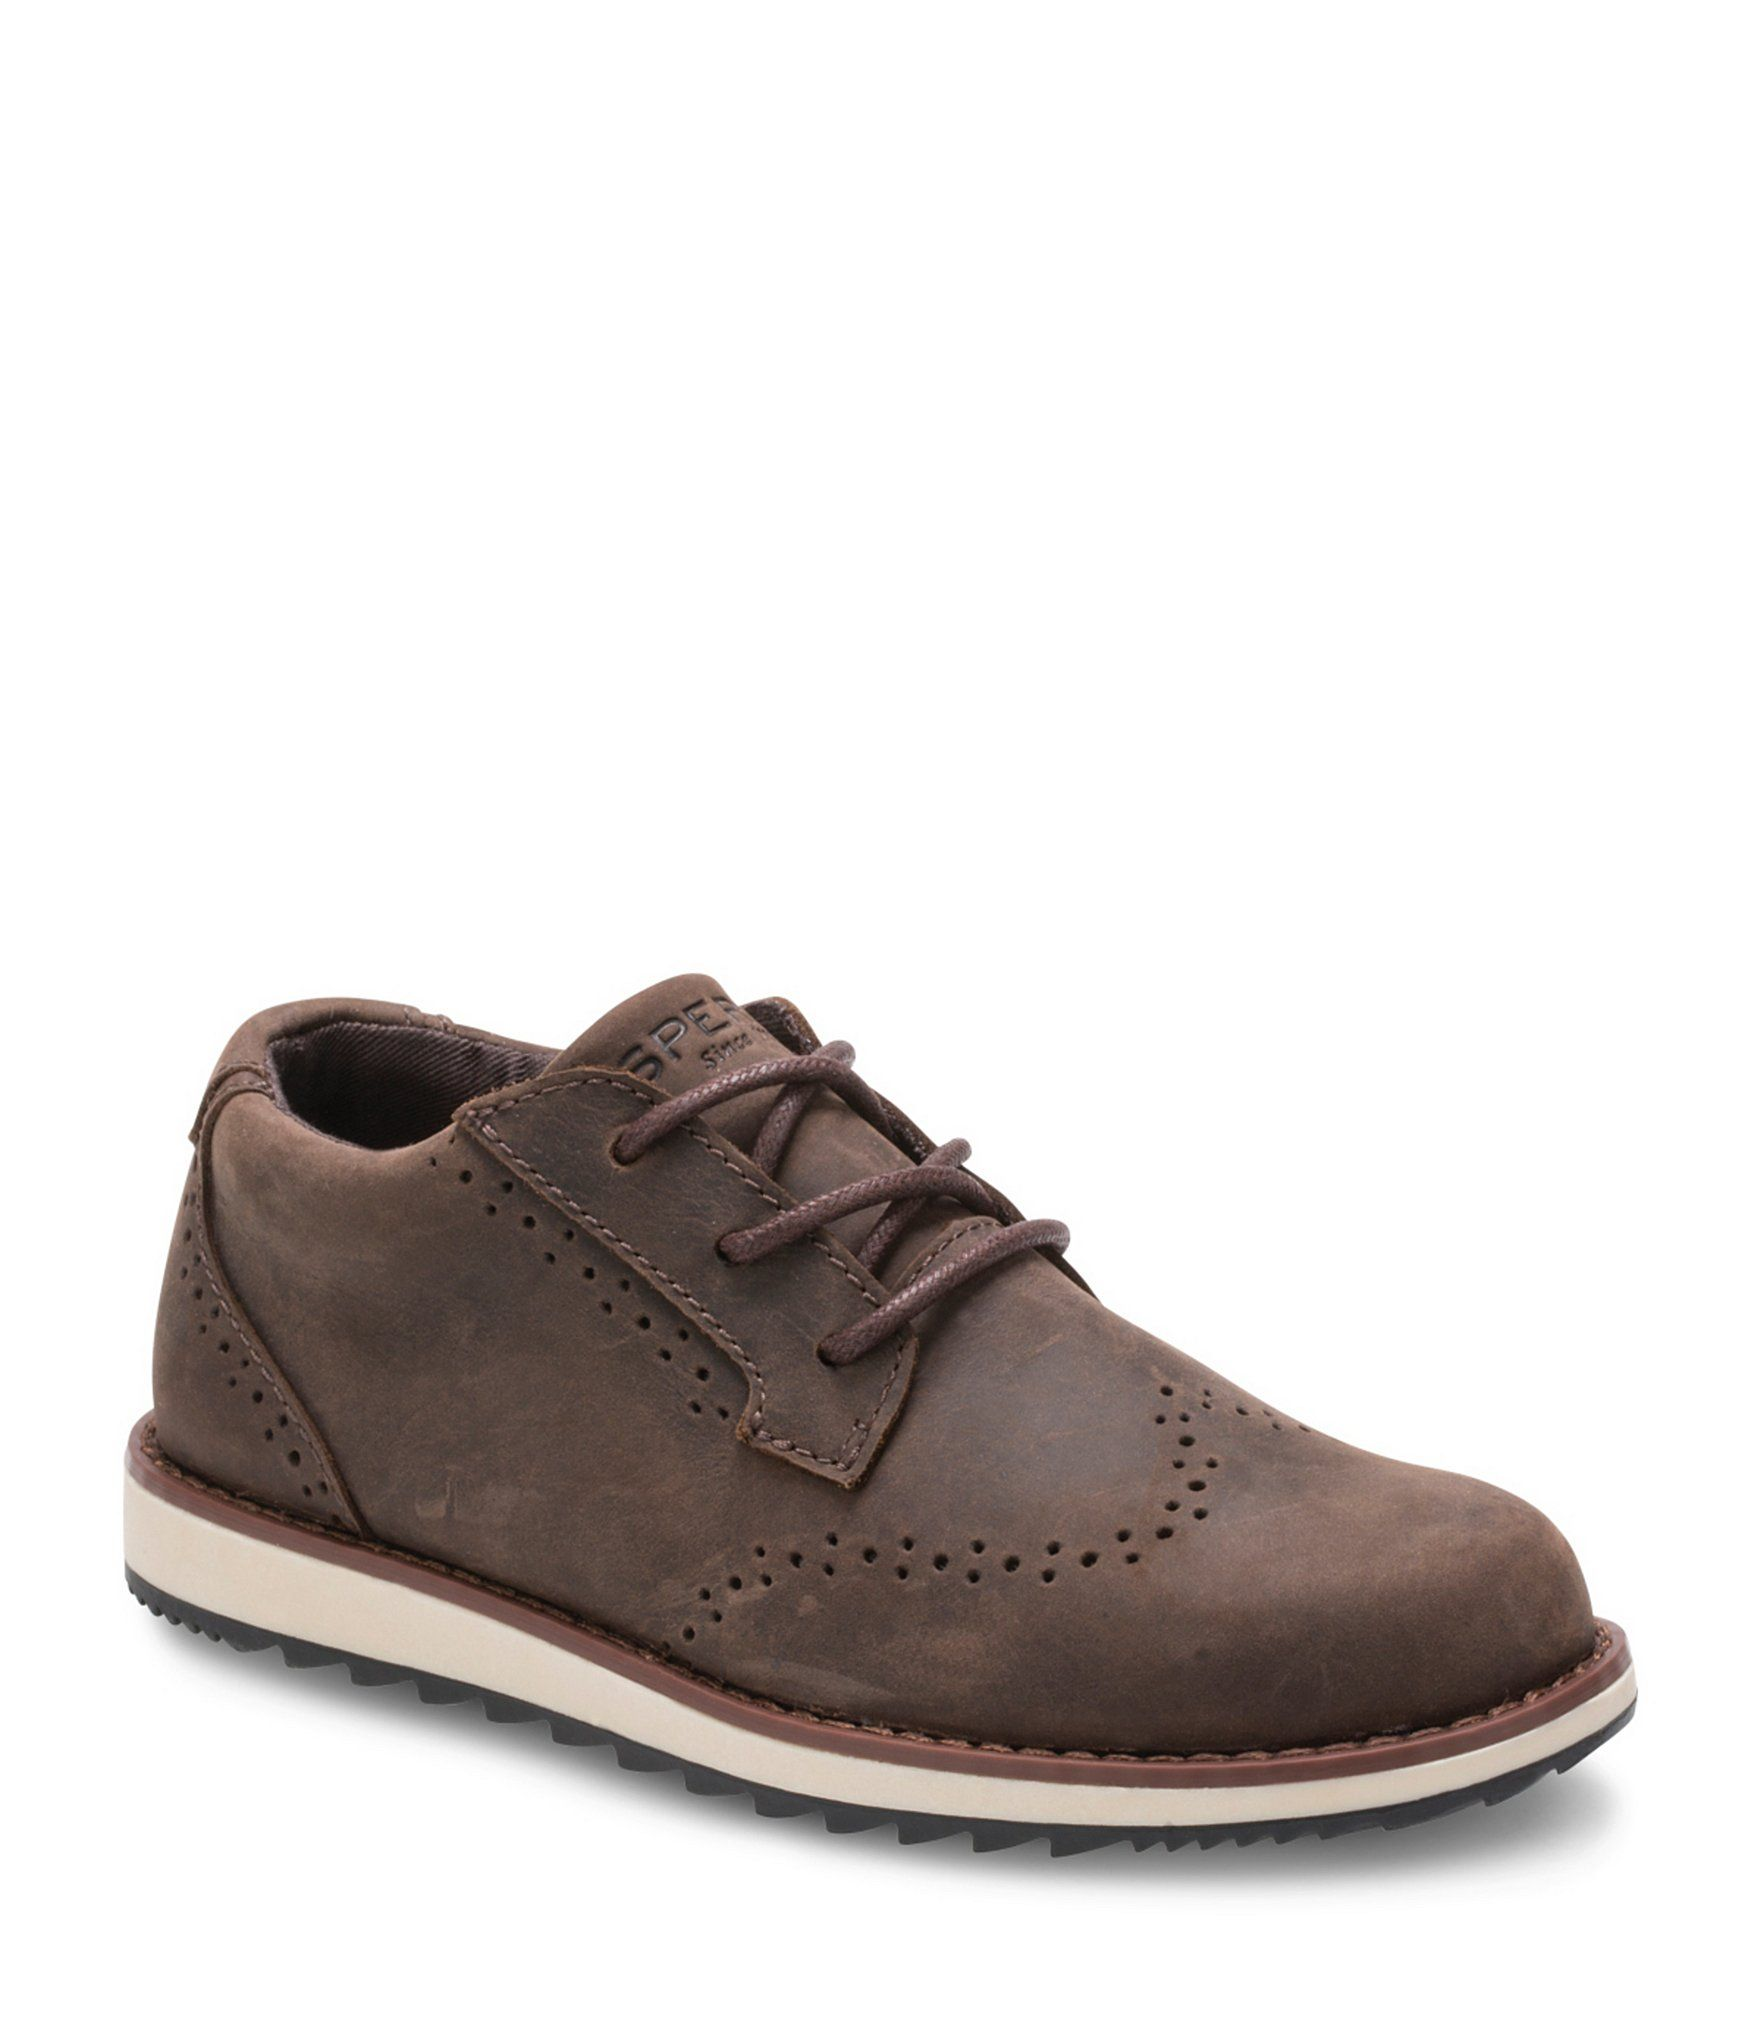 Boys windward oxford boys dress shoes sperrys brown